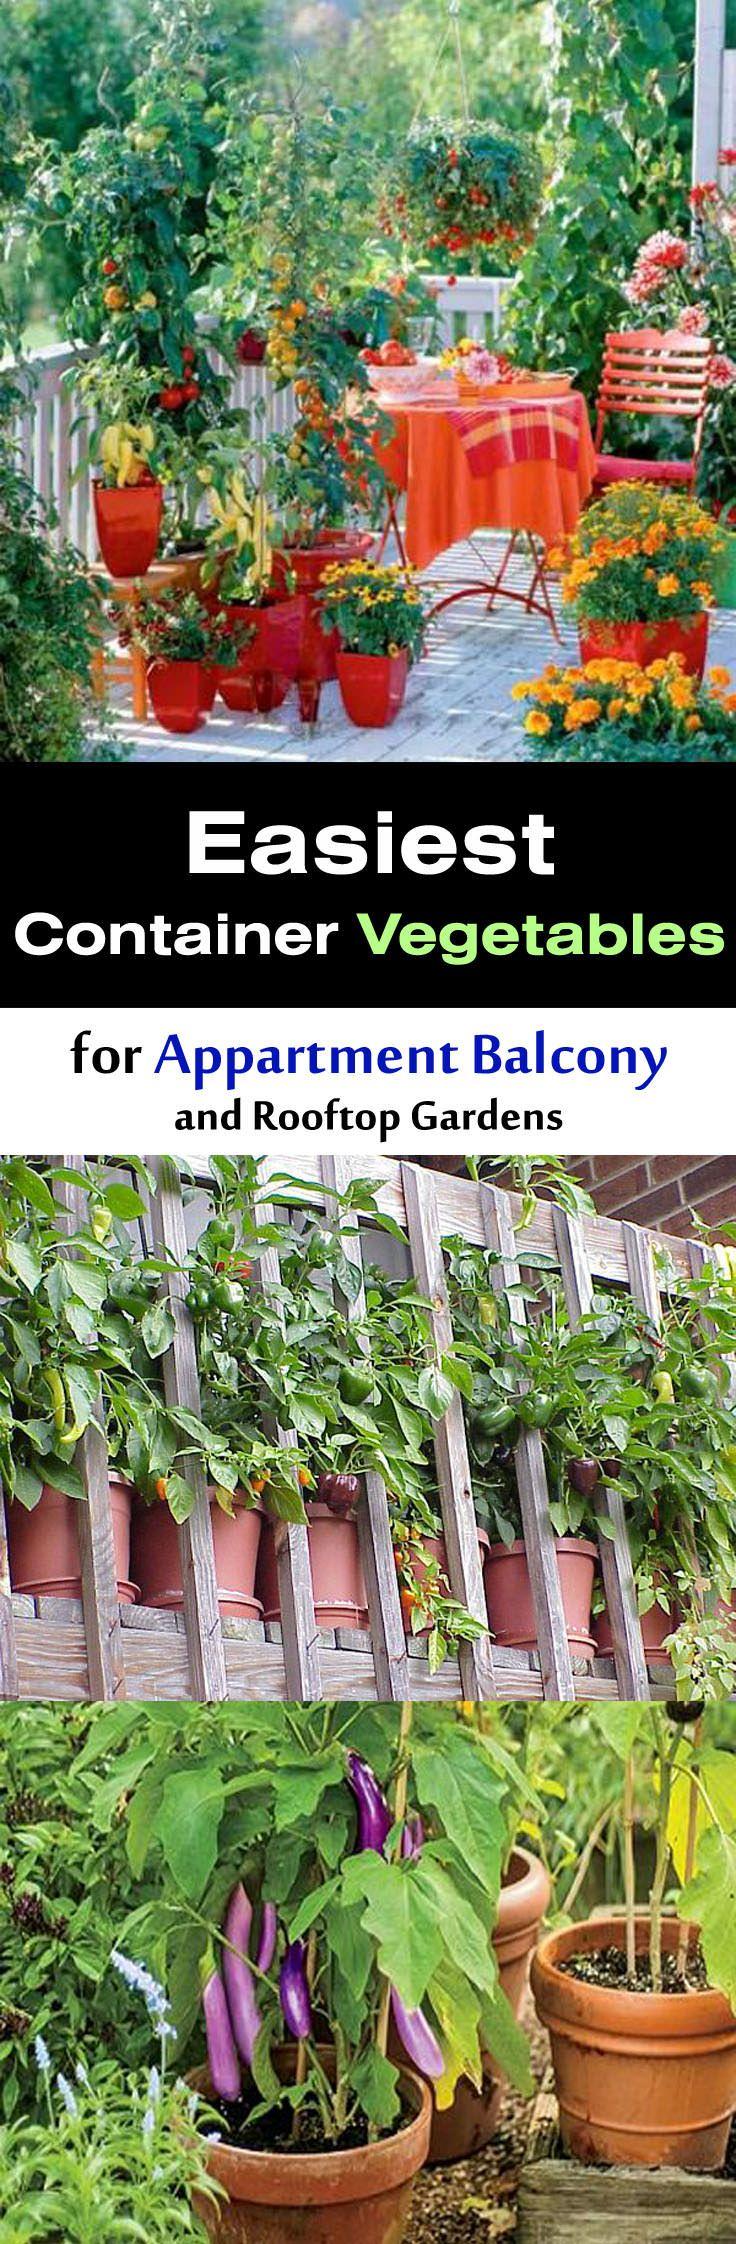 Easiest Vegetables For Balcony Rooftop Garden Gardens 400 x 300